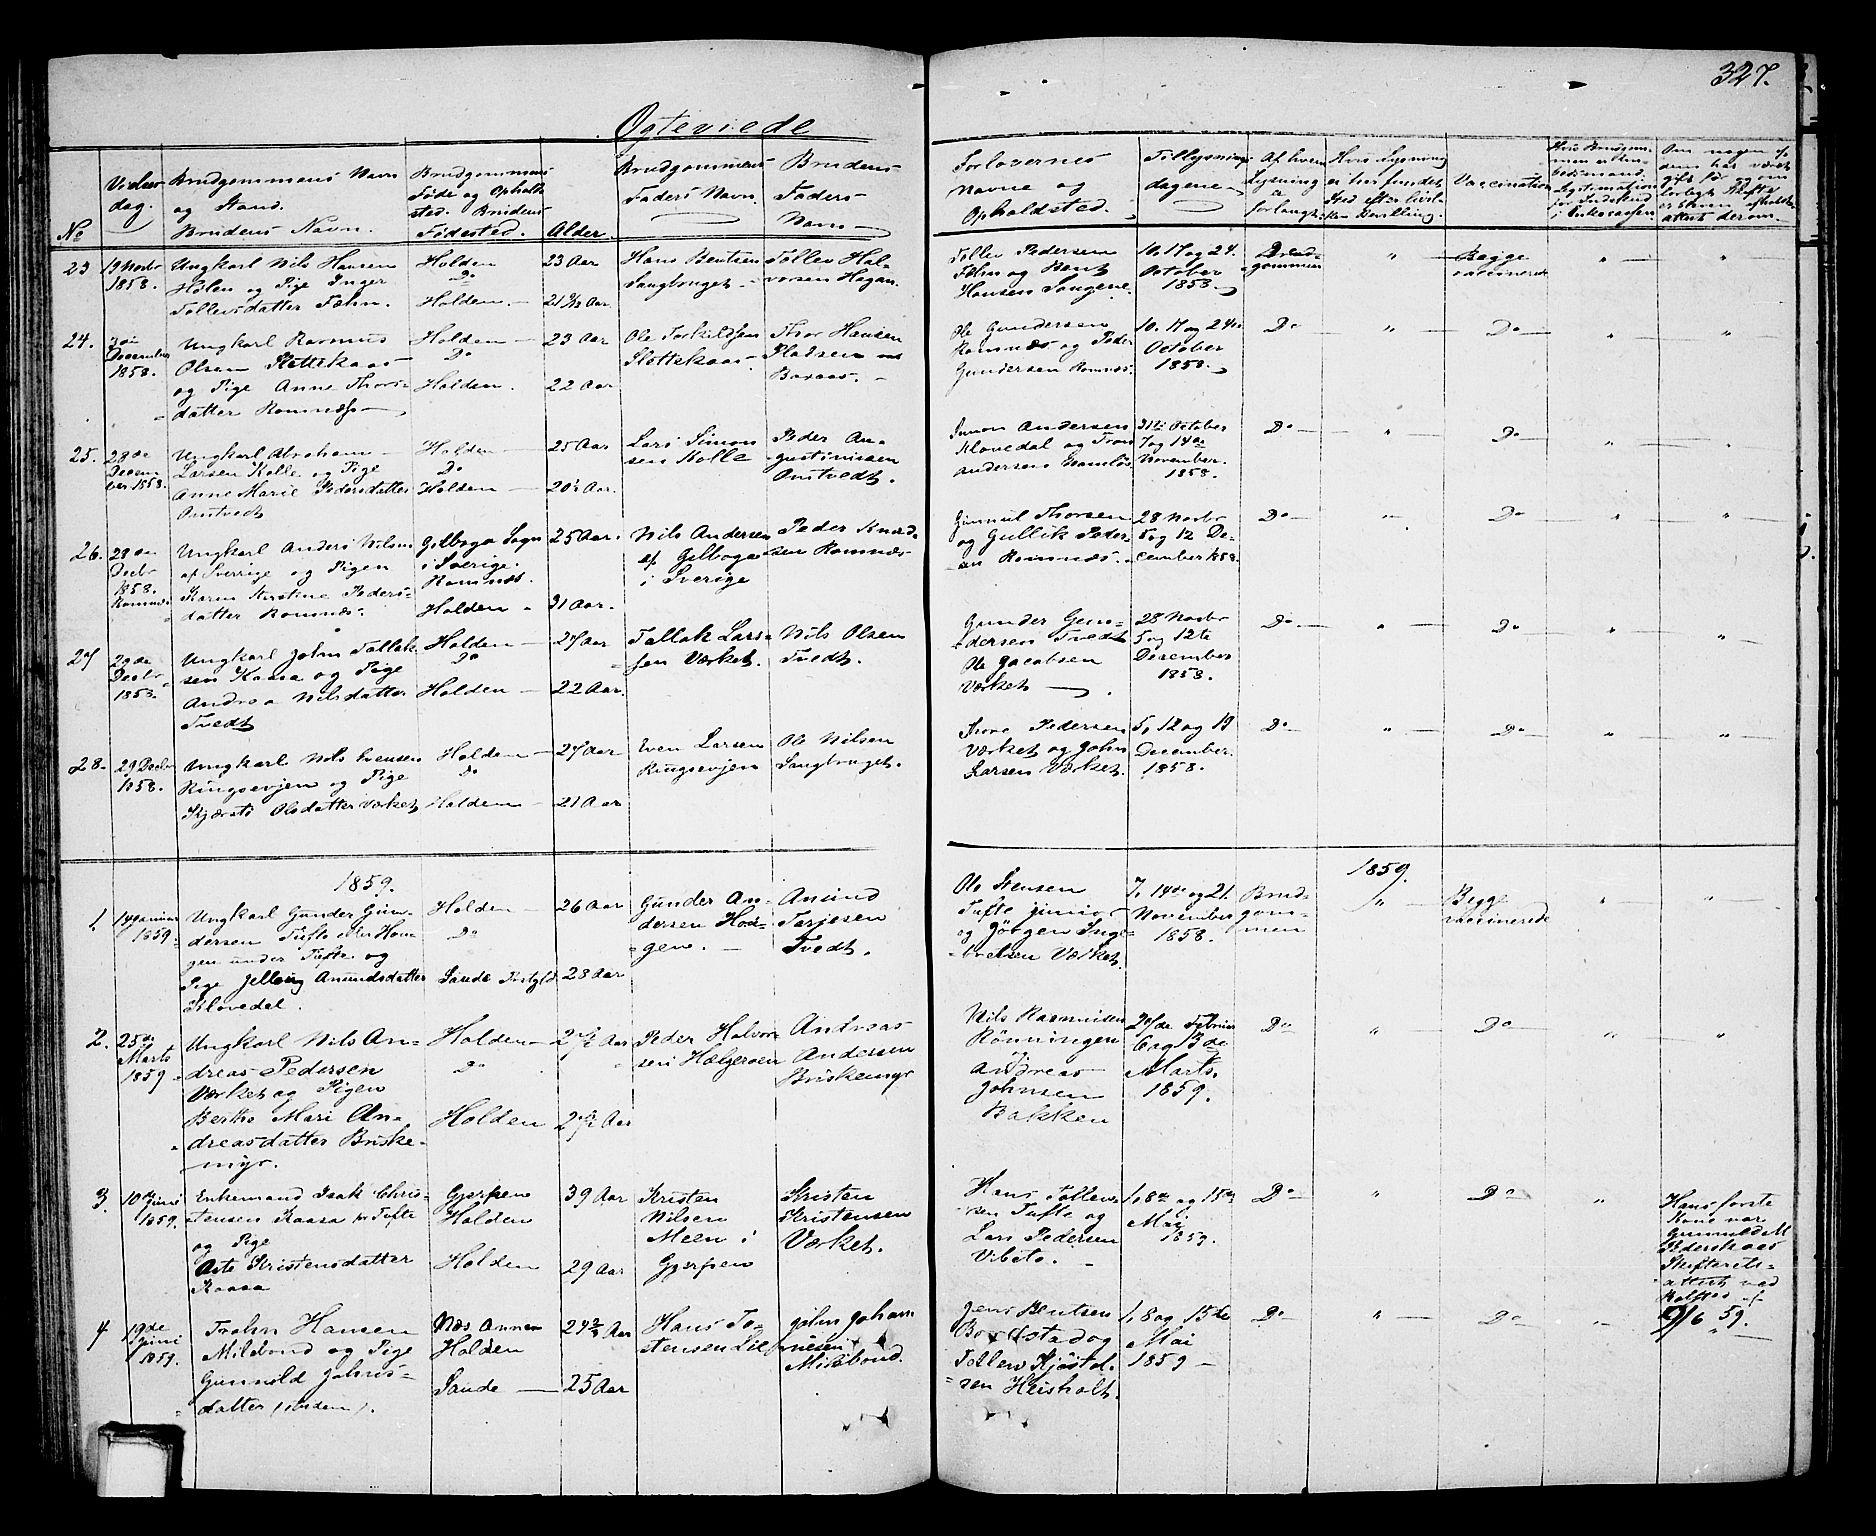 SAKO, Holla kirkebøker, G/Ga/L0003: Klokkerbok nr. I 3, 1849-1866, s. 327